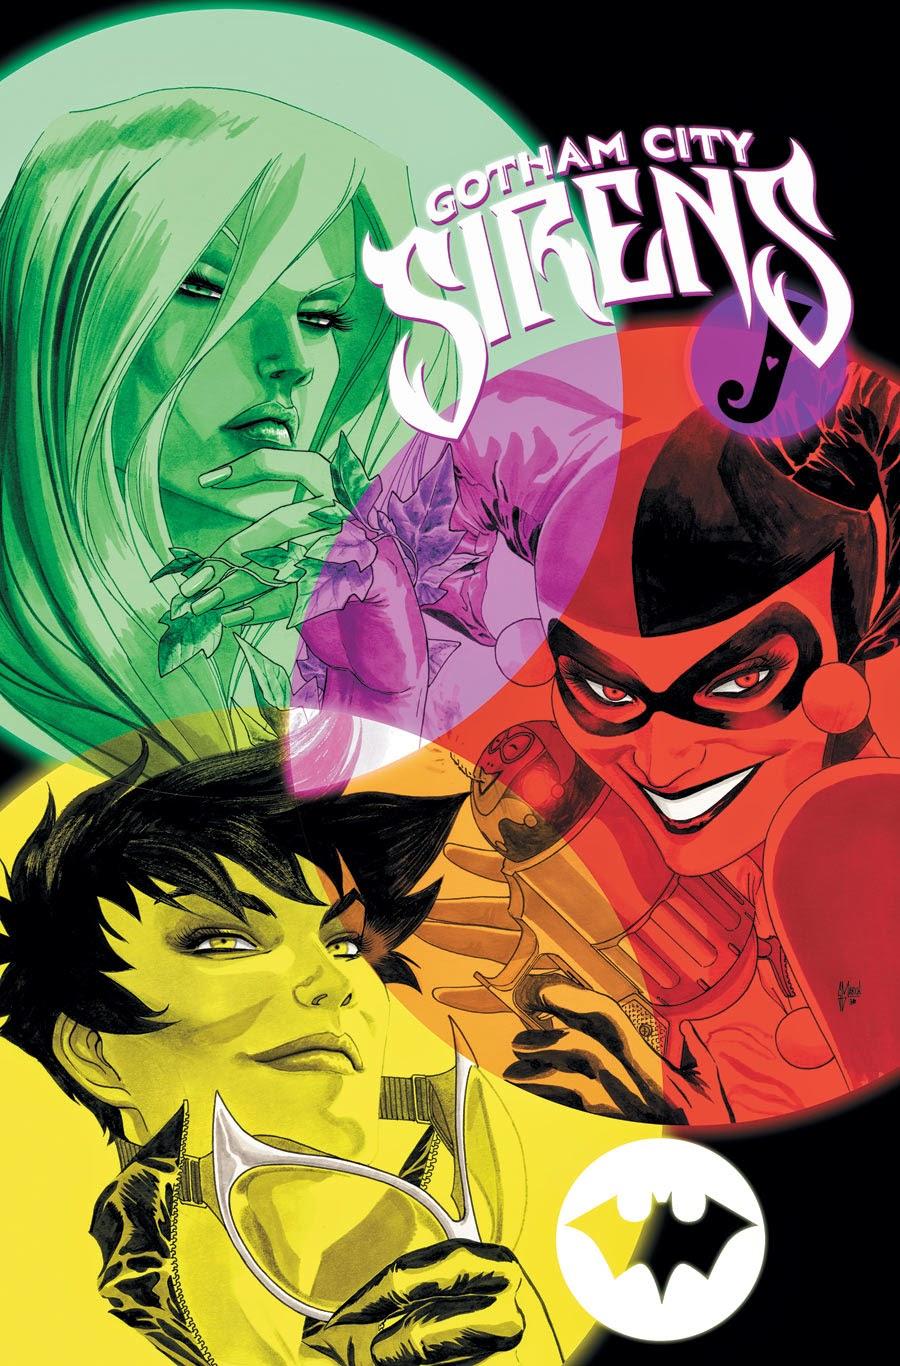 http://superheroesrevelados.blogspot.com.ar